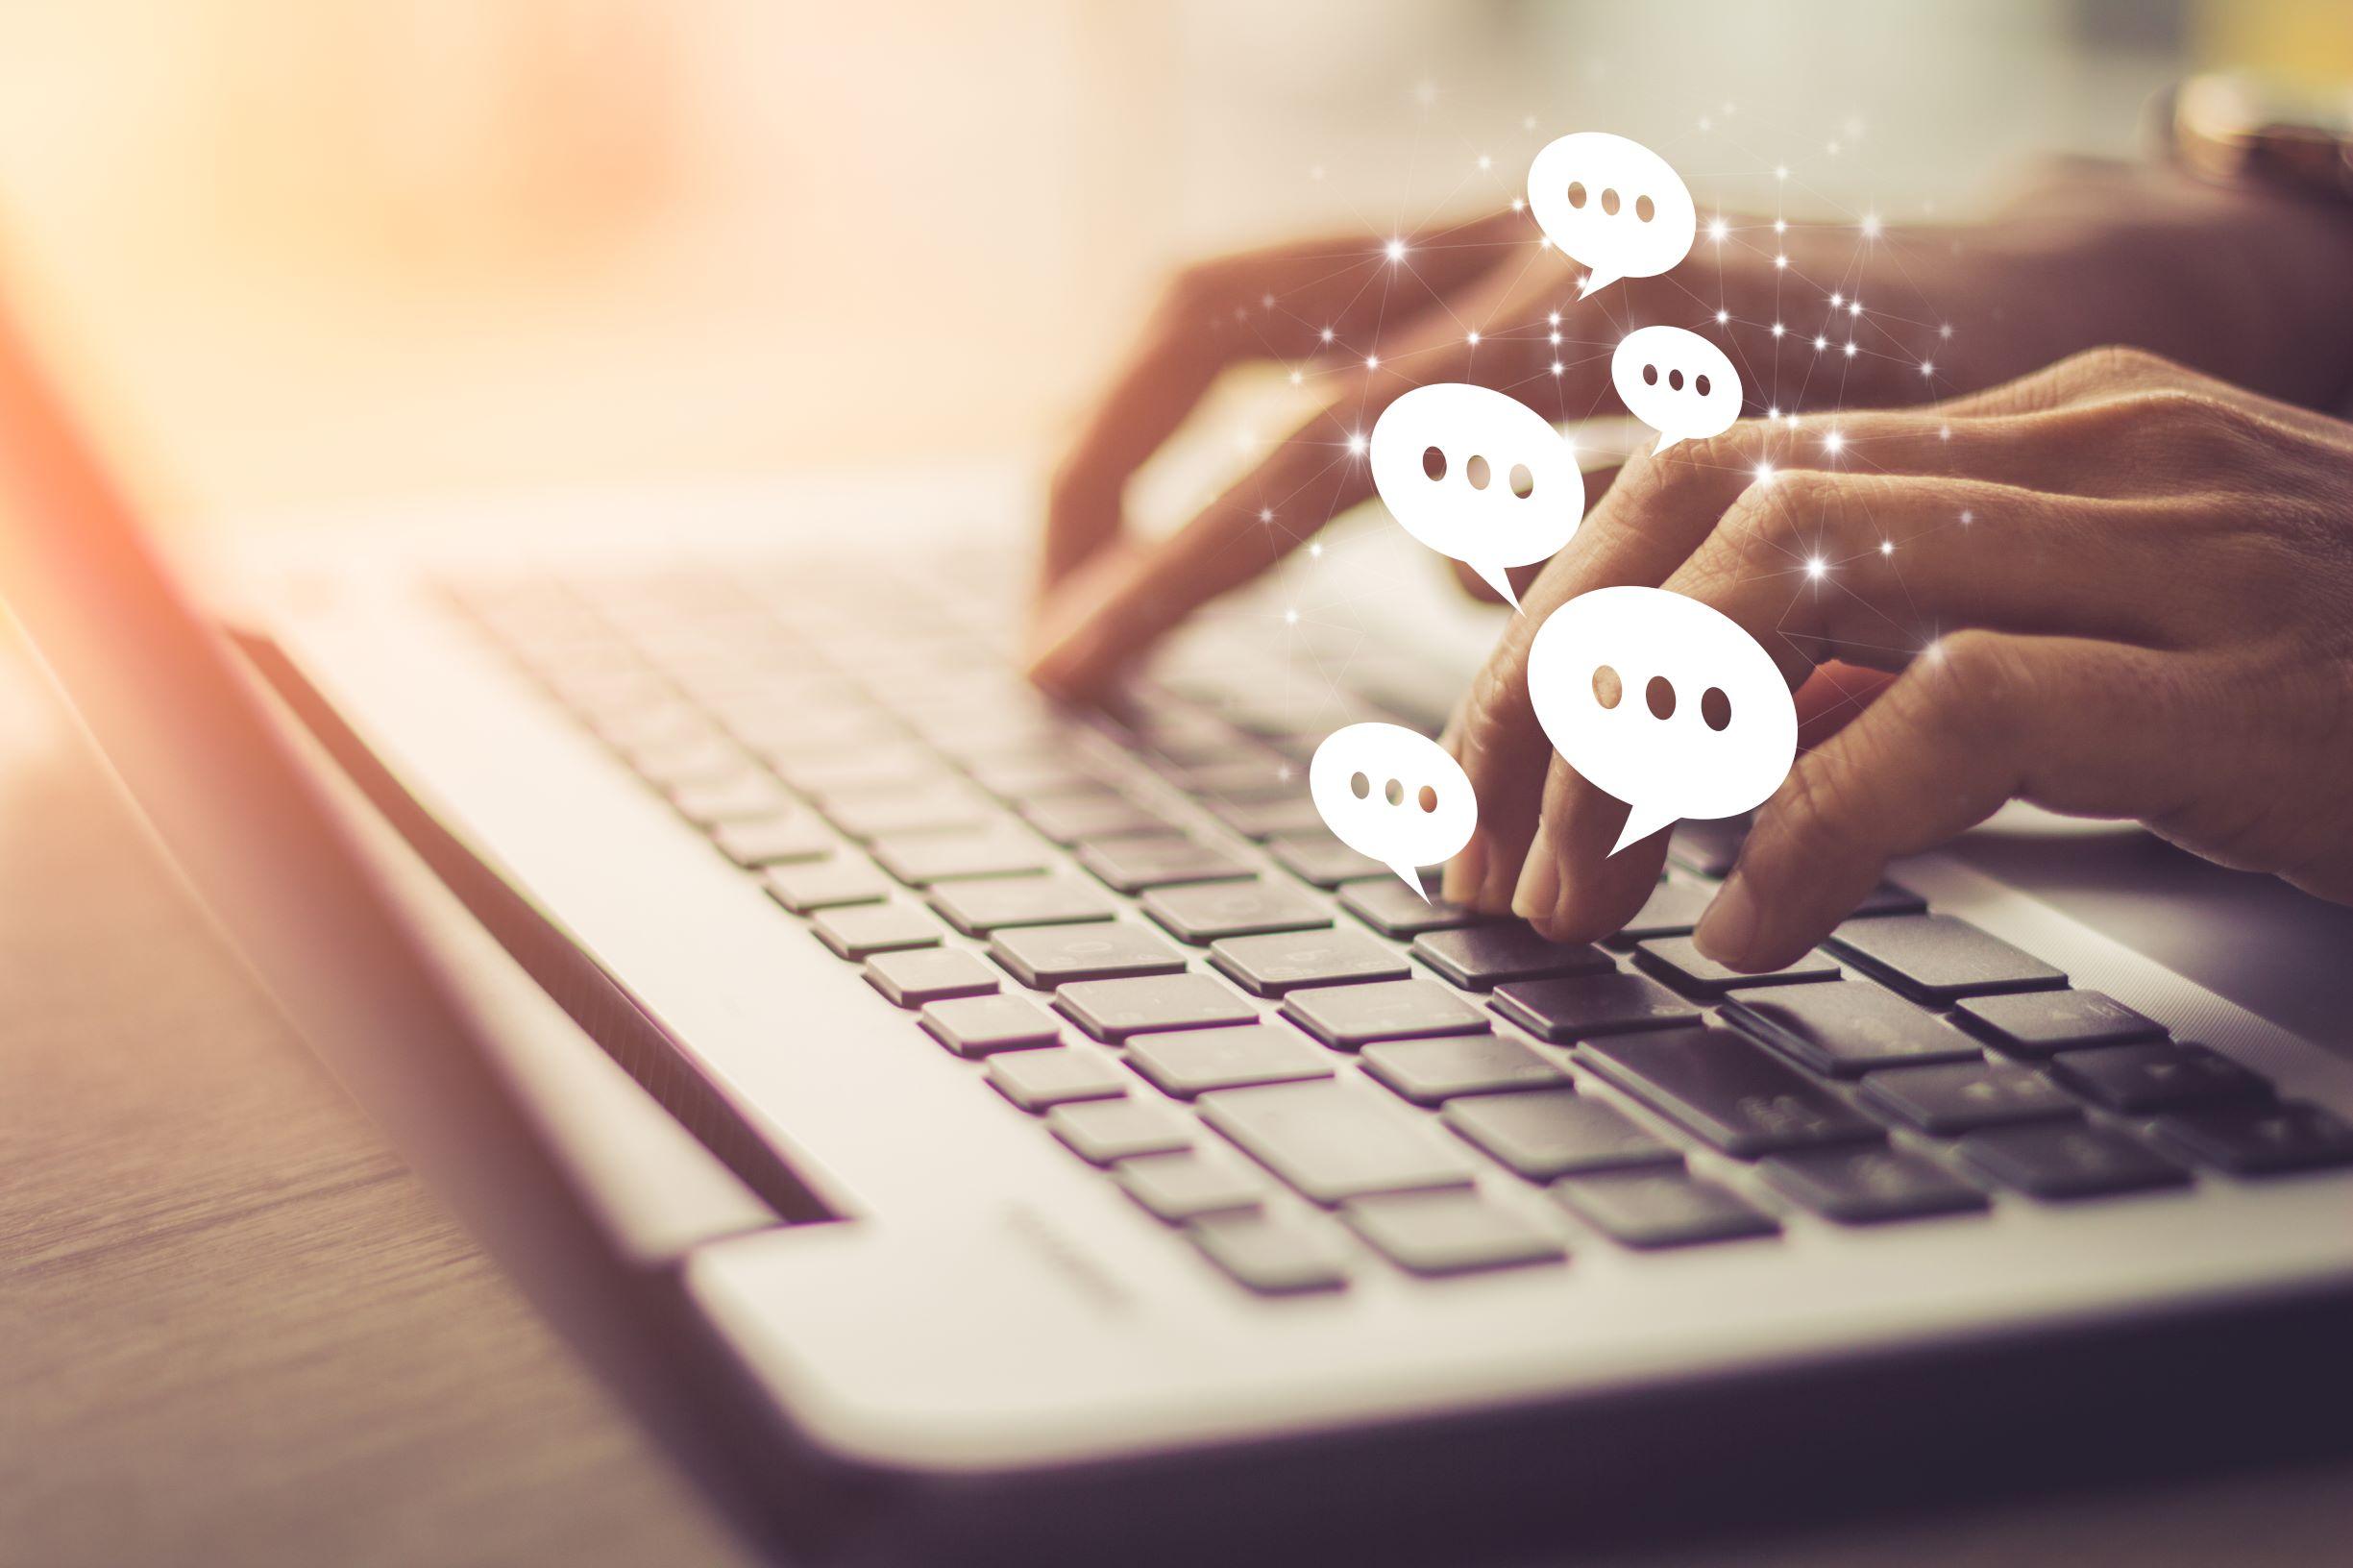 Une personne tapant sur un ordinateur portable, illustrant l'utilisation des médias sociaux.